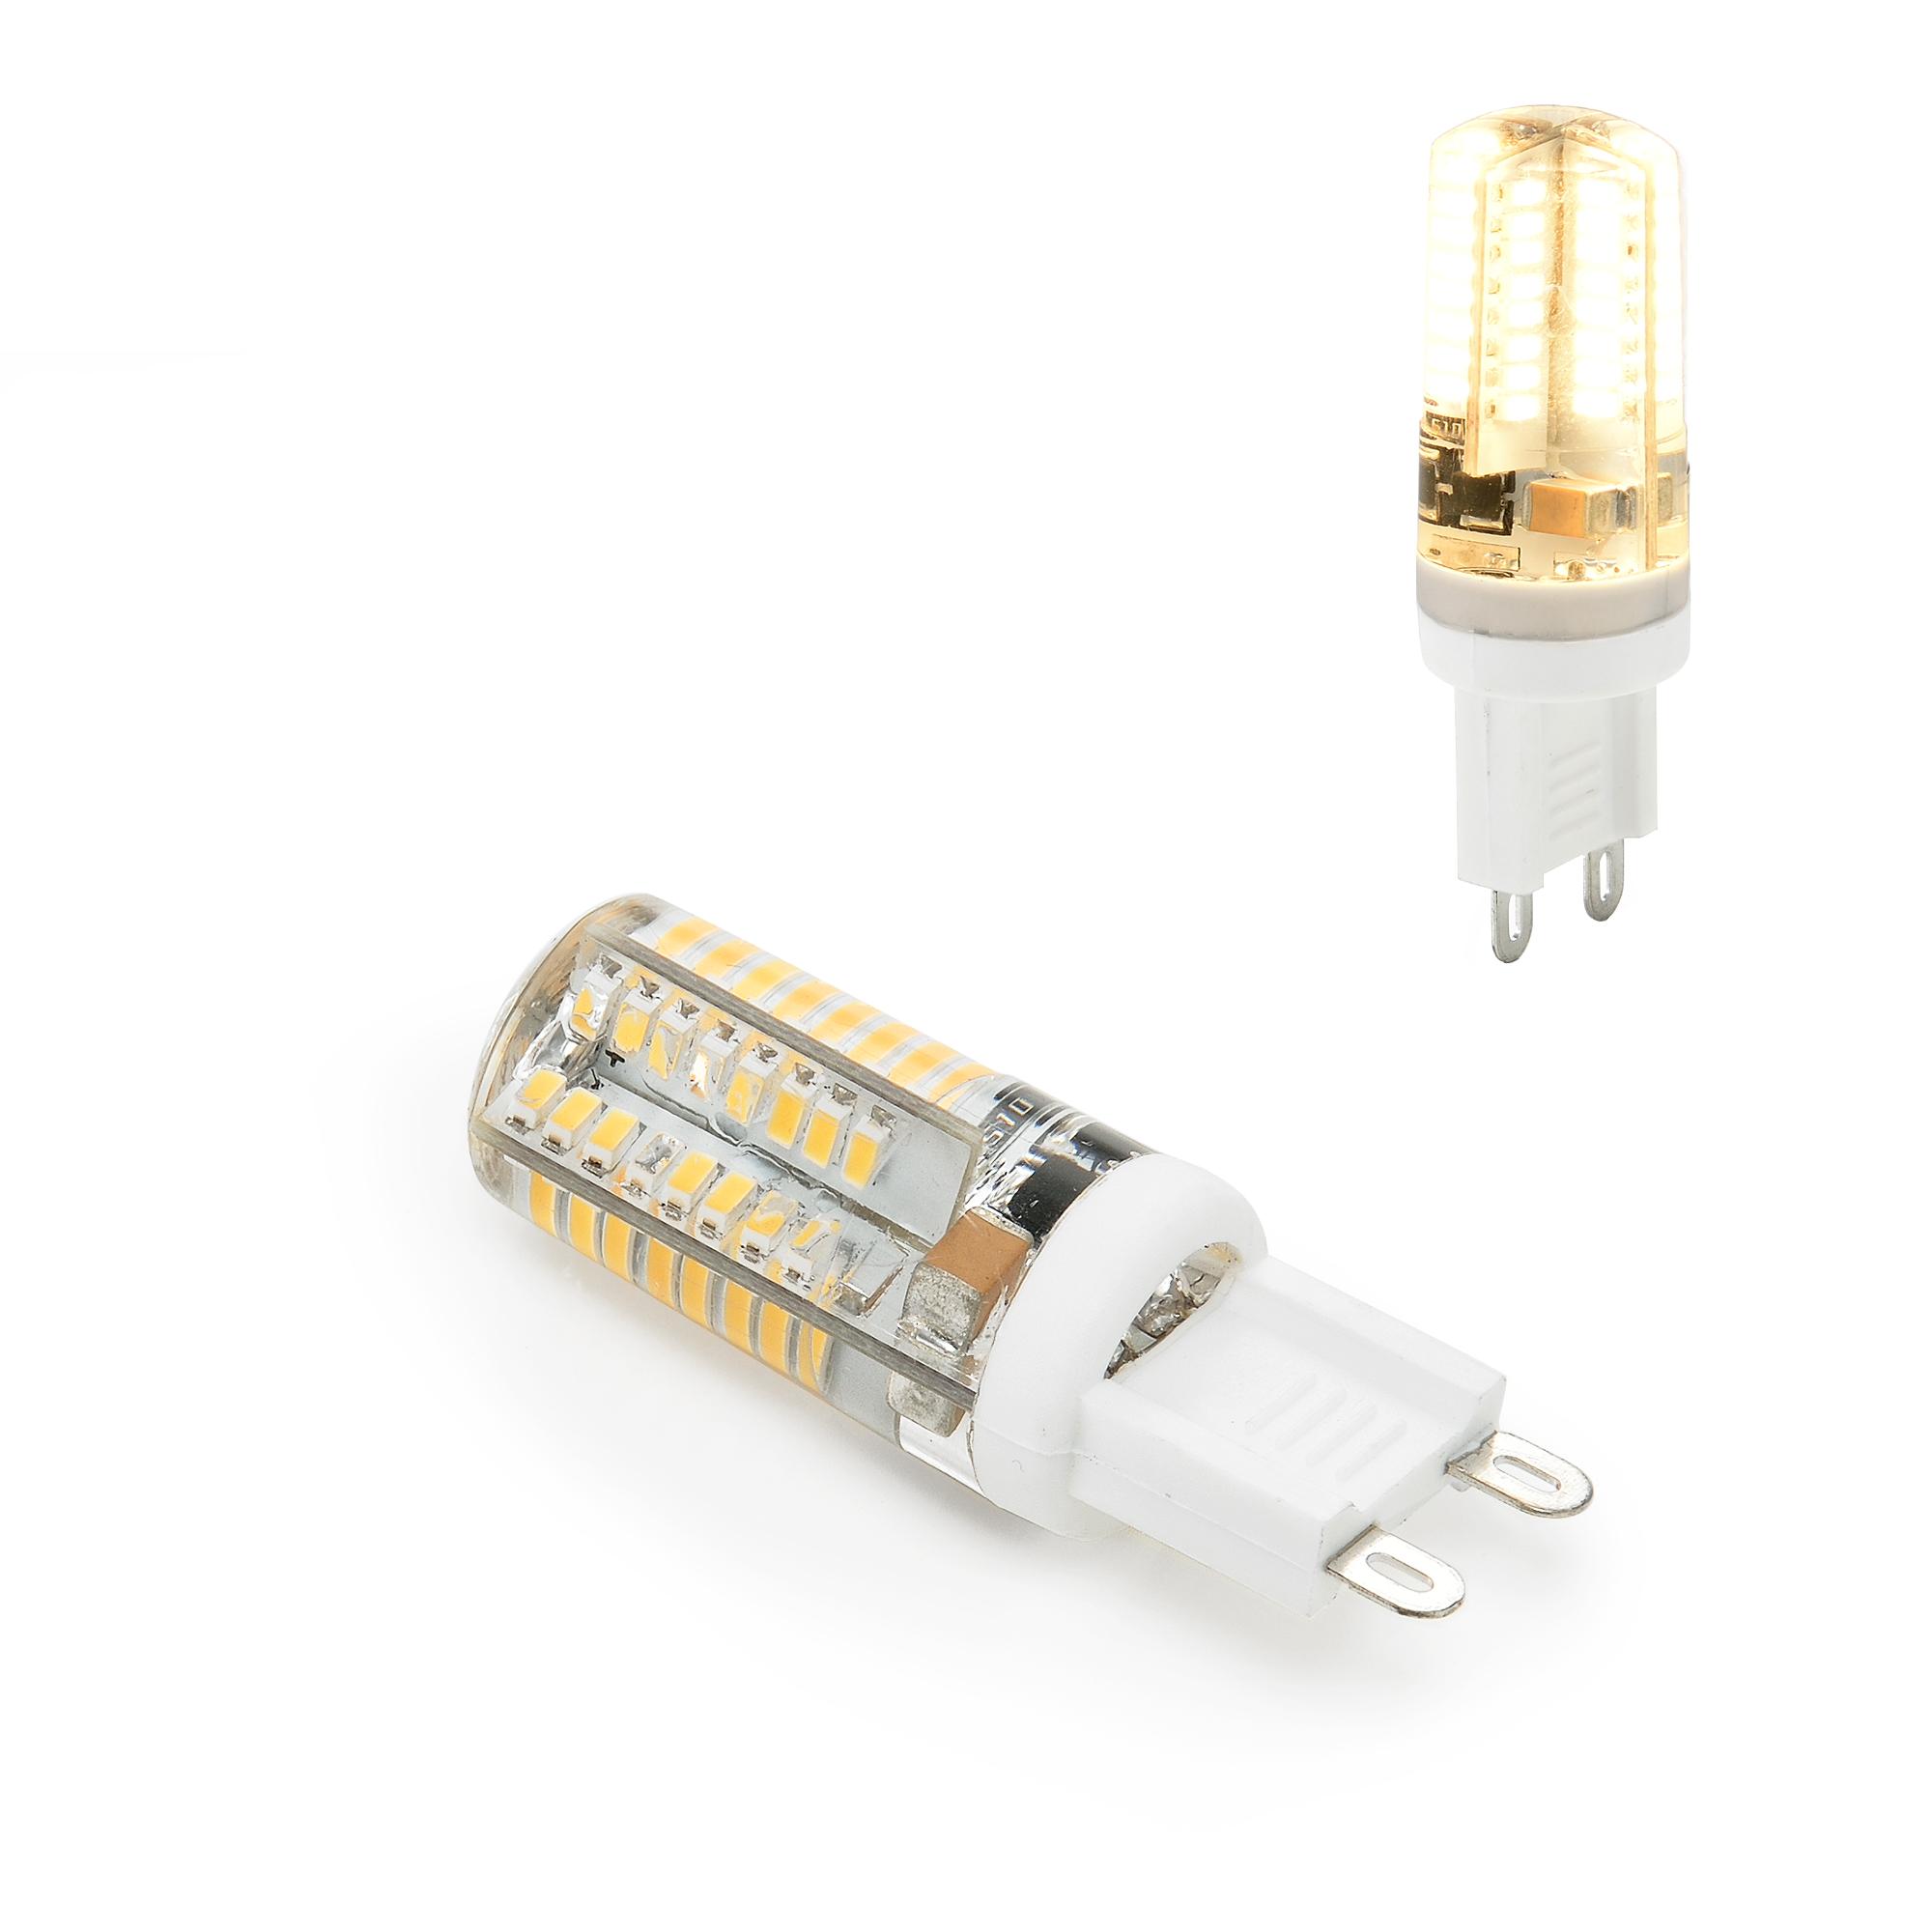 led leuchtmittel g9 g9 smd3528 led leuchtmittel birne lampe 3w 40w 23 leds g4 g9 stiftsockel. Black Bedroom Furniture Sets. Home Design Ideas